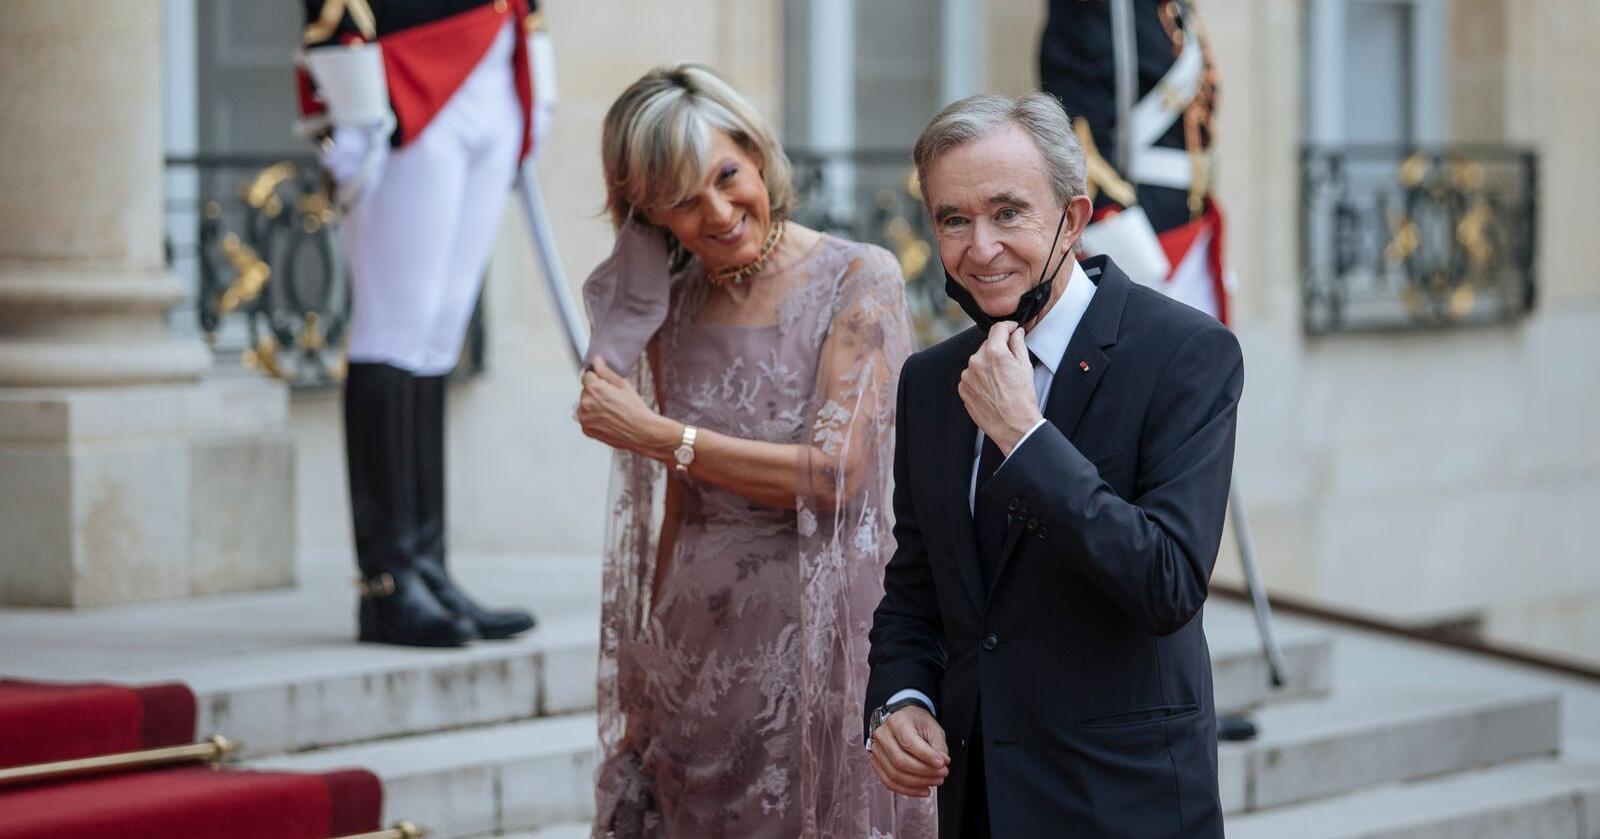 Verdens rikeste: Bernard Arnault med sin kone Helene Mercier-Arnault på vei opp den røde løperen for å spise middag med president Emmanuel Macron 5. juli. Foto: AP Photo/Lewis Joly, NTB